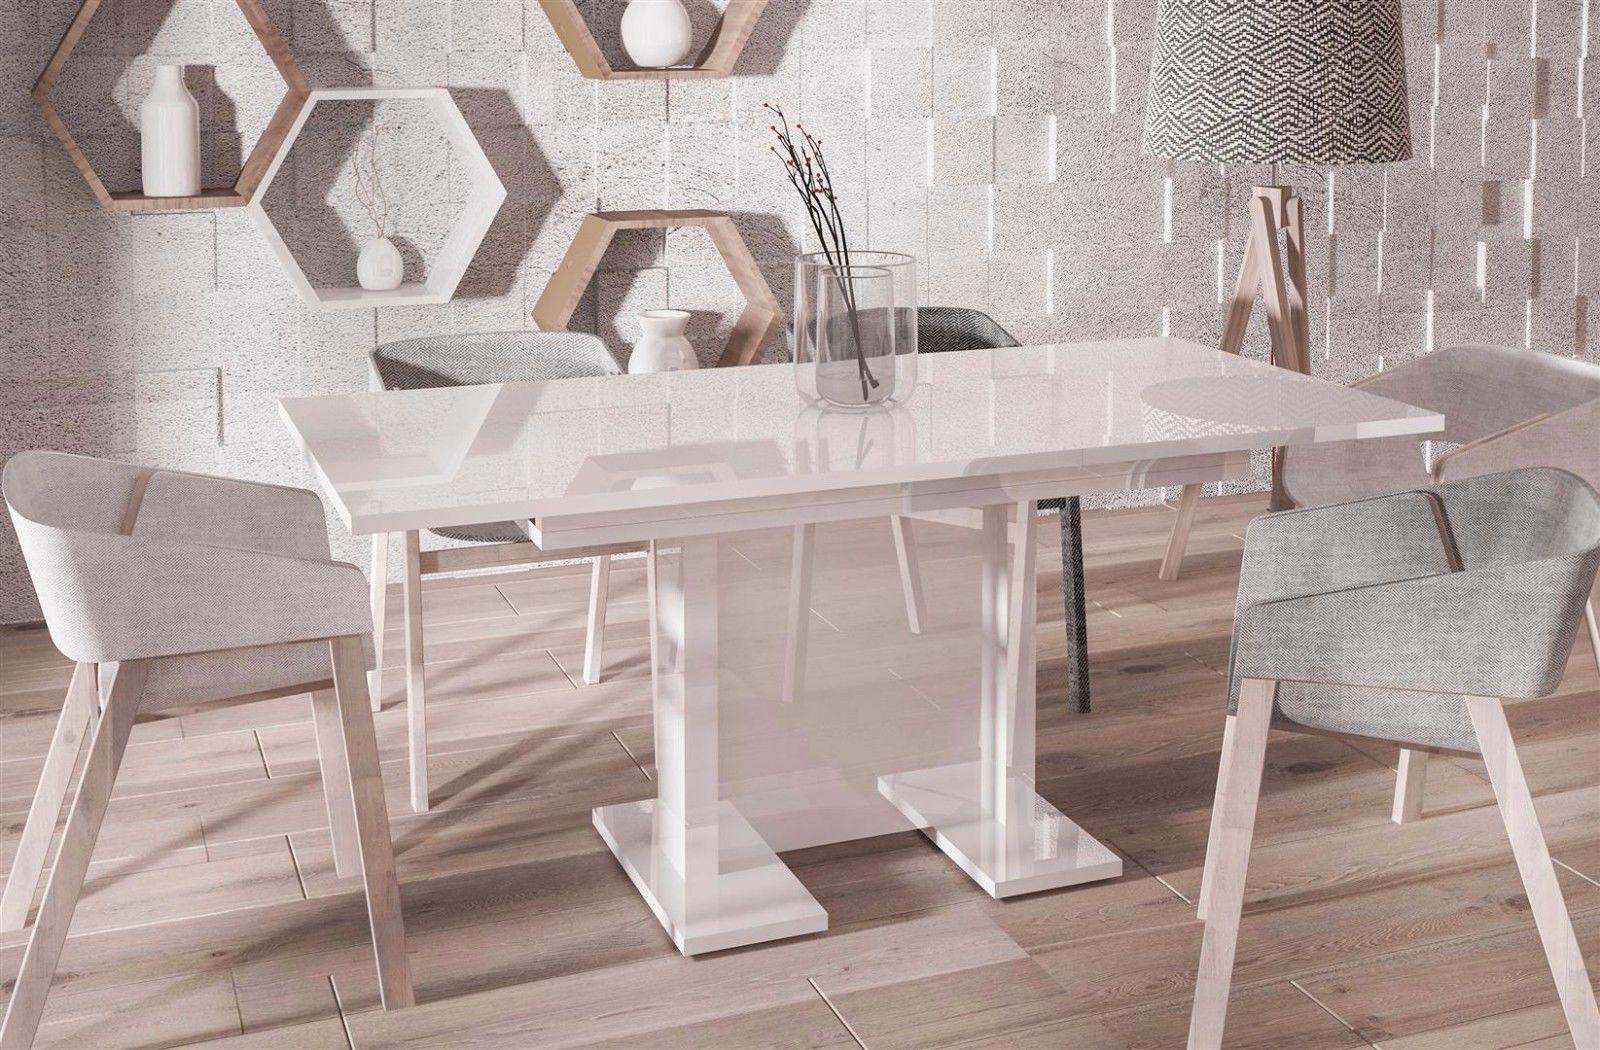 Esstisch modern günstig  hochwertiger Säulentisch Hochglanz weiß 130-210 Auszug Esstisch ...